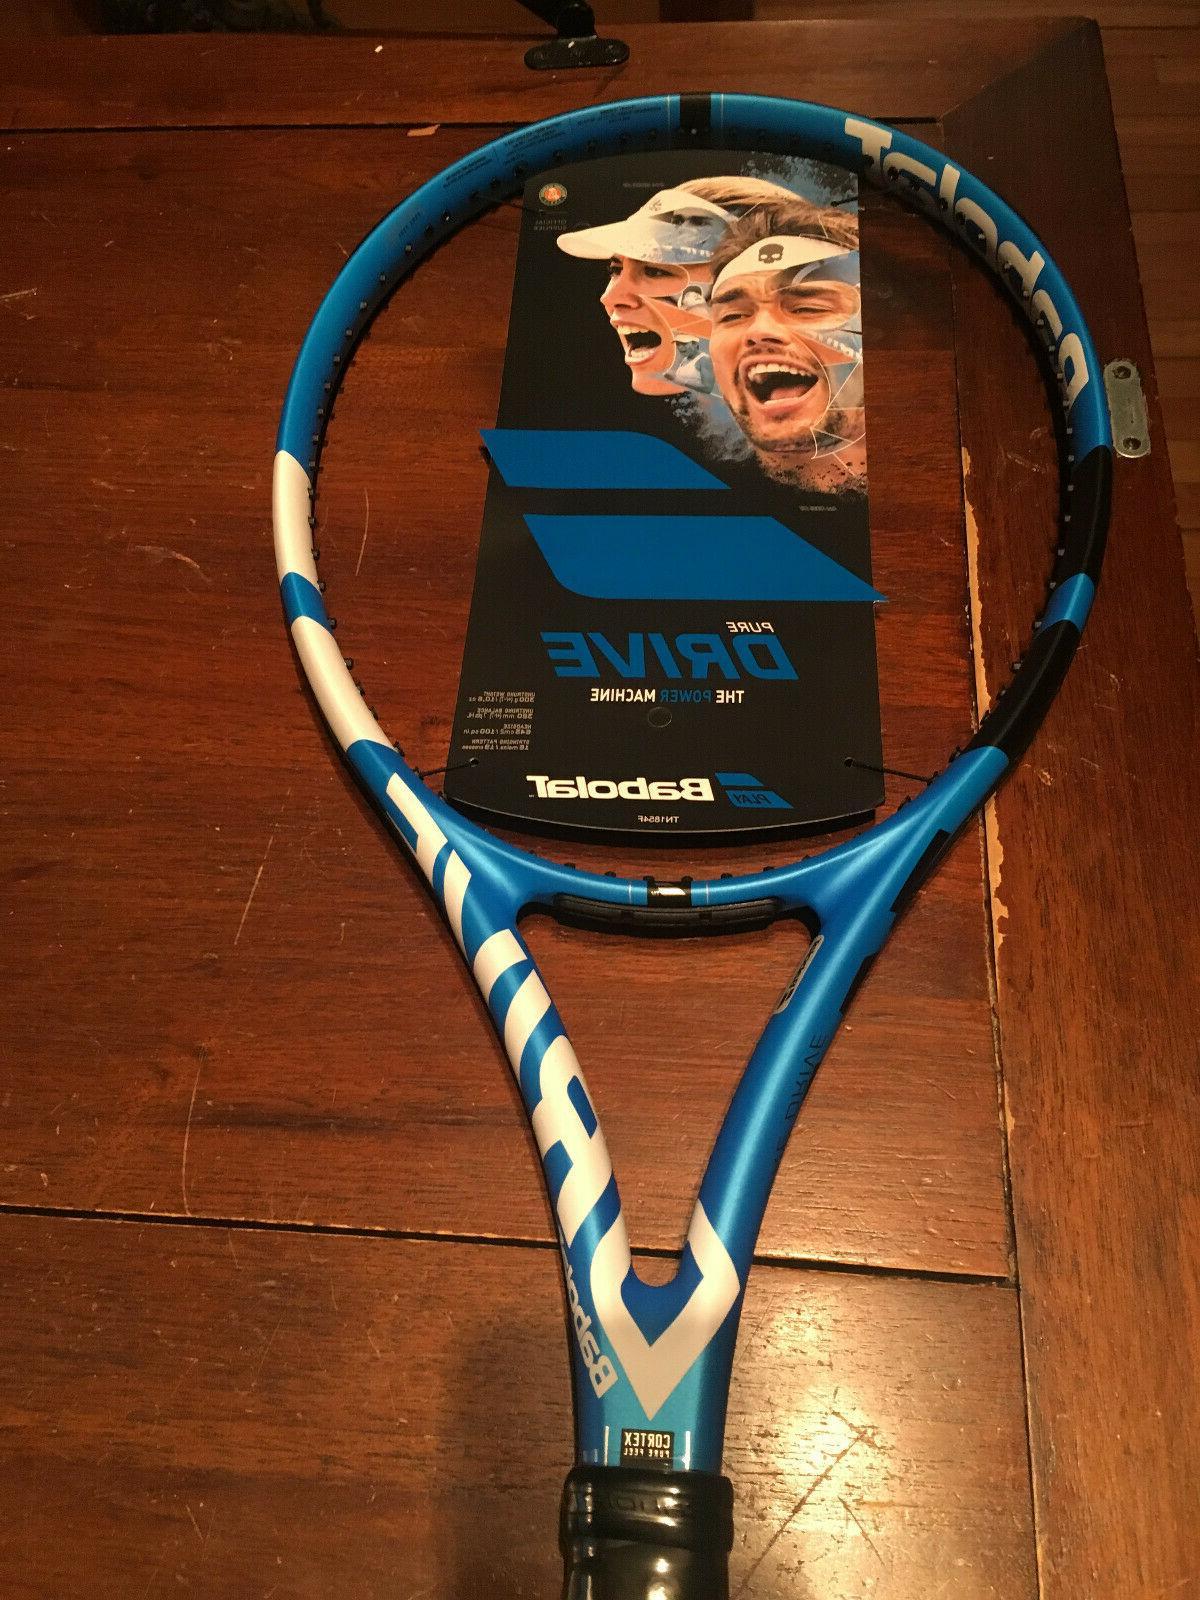 new pure drive 2018 tennis racquet 4